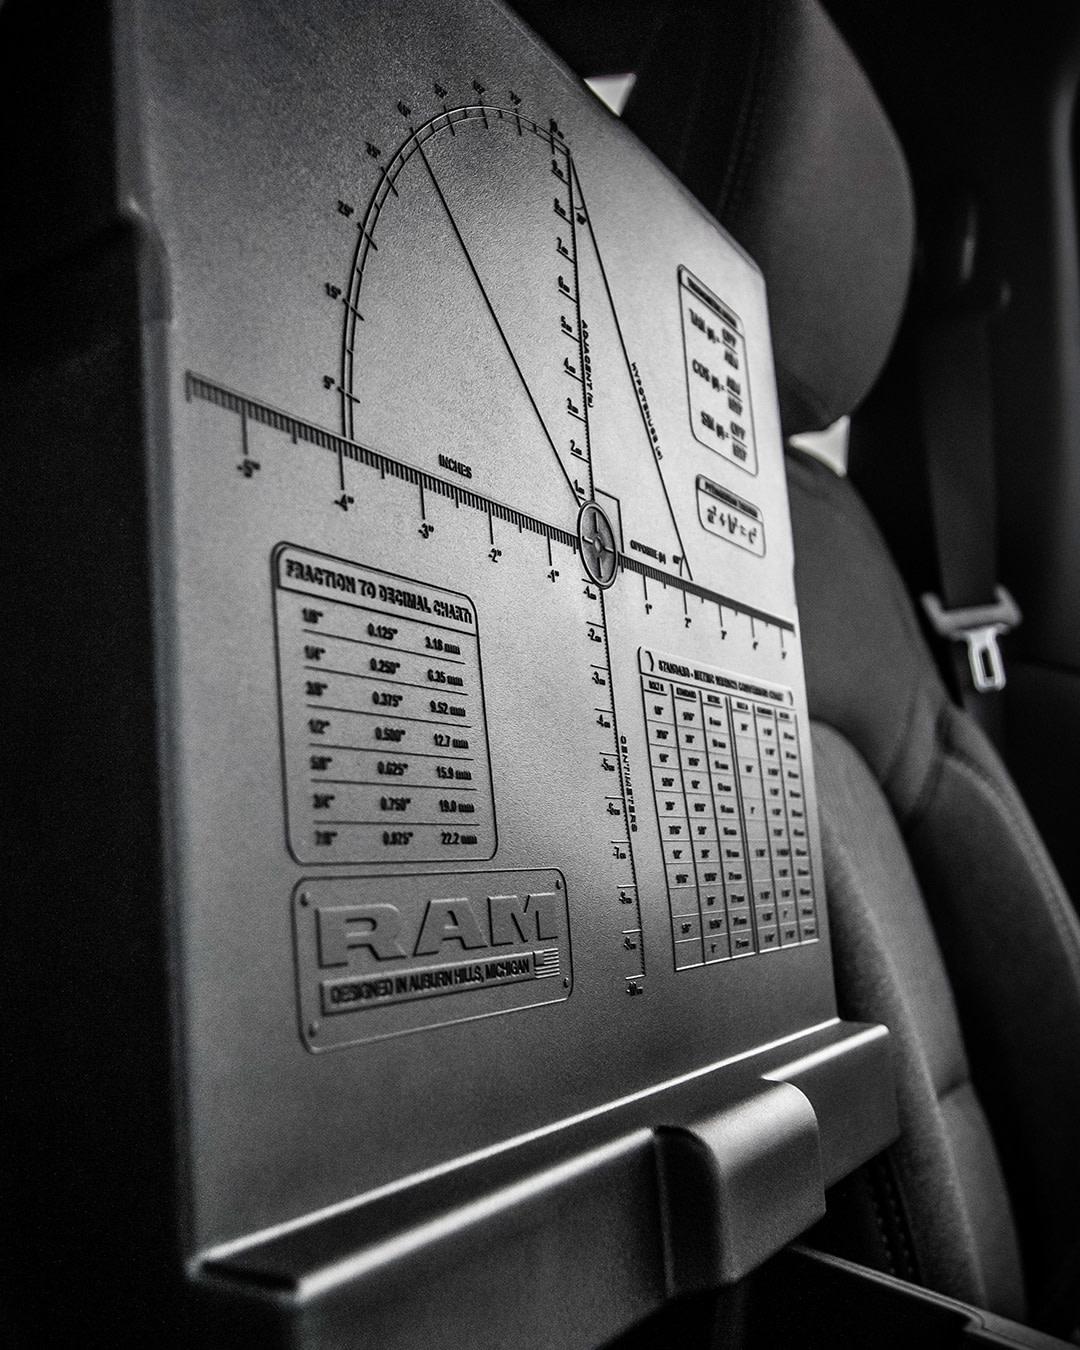 RAM 1500_3